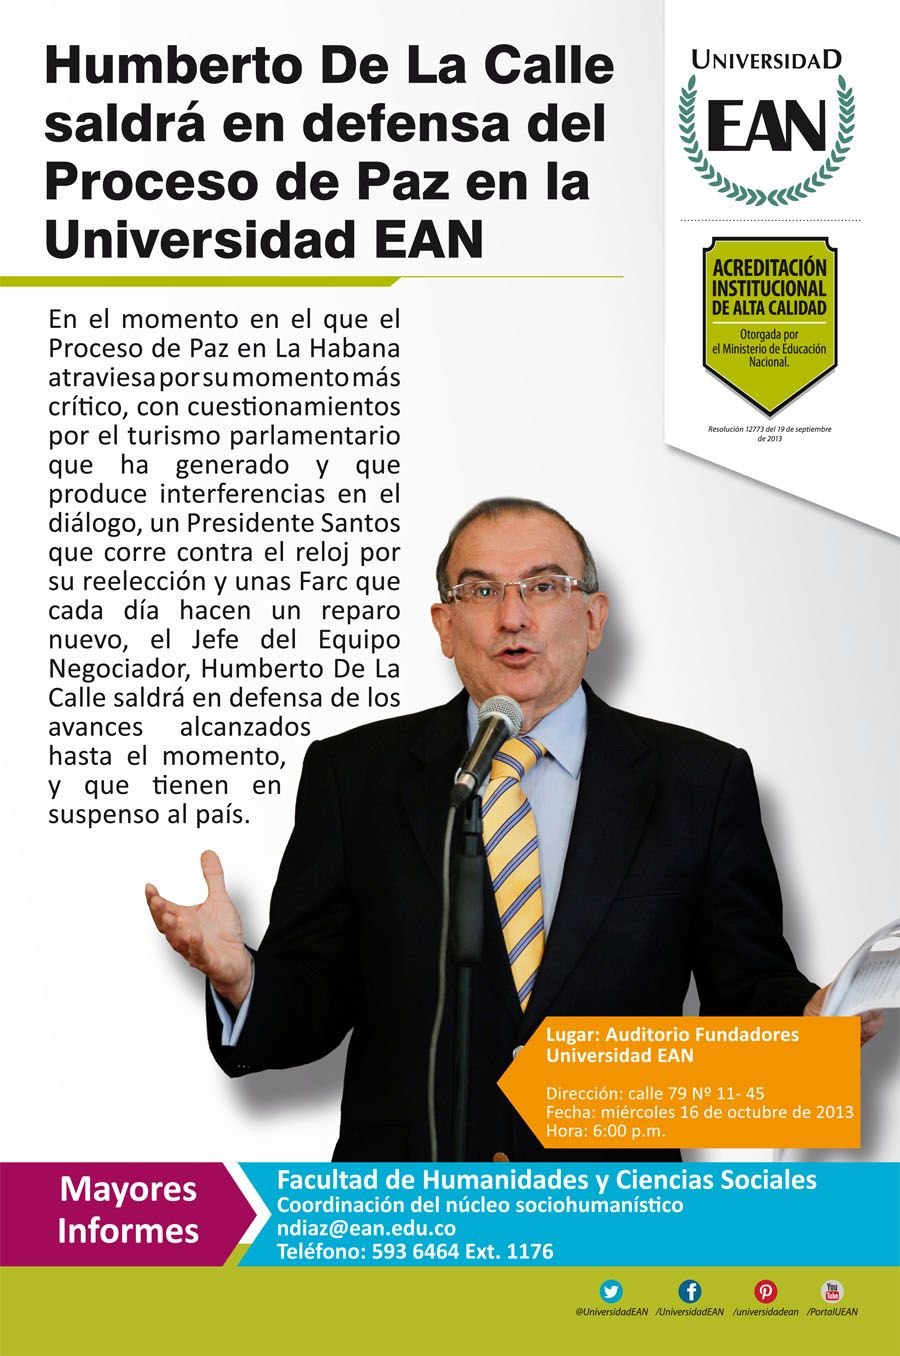 #PlanEAN: Humberto de la Calle en defensa del Proceso de Paz en la Universidad de los Emprendedores 6:00 p.m